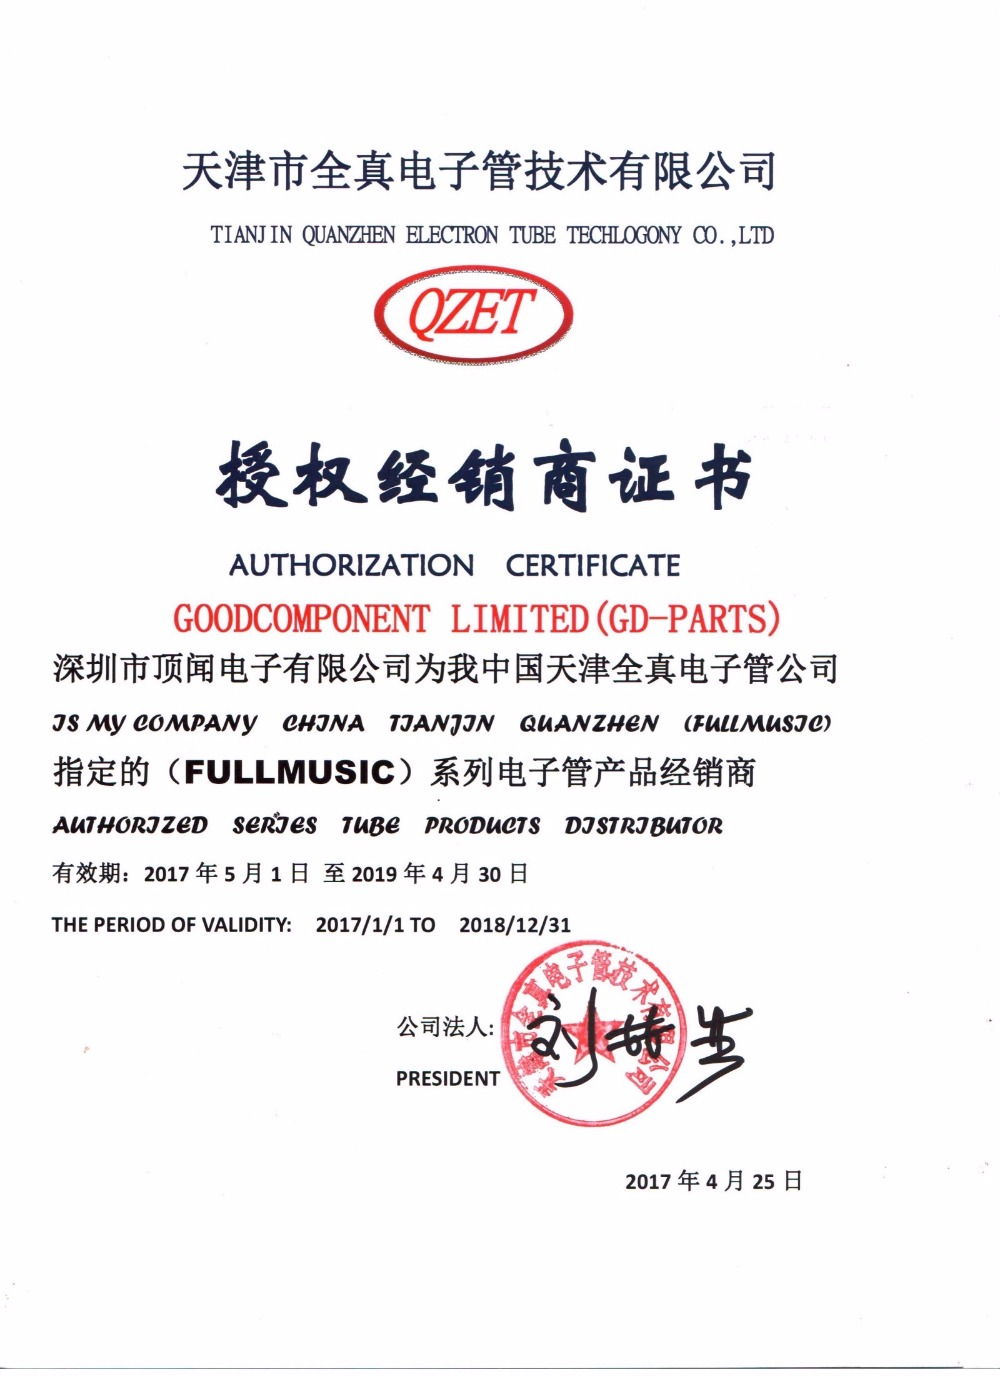 FULLMUSIC LICENCE 001